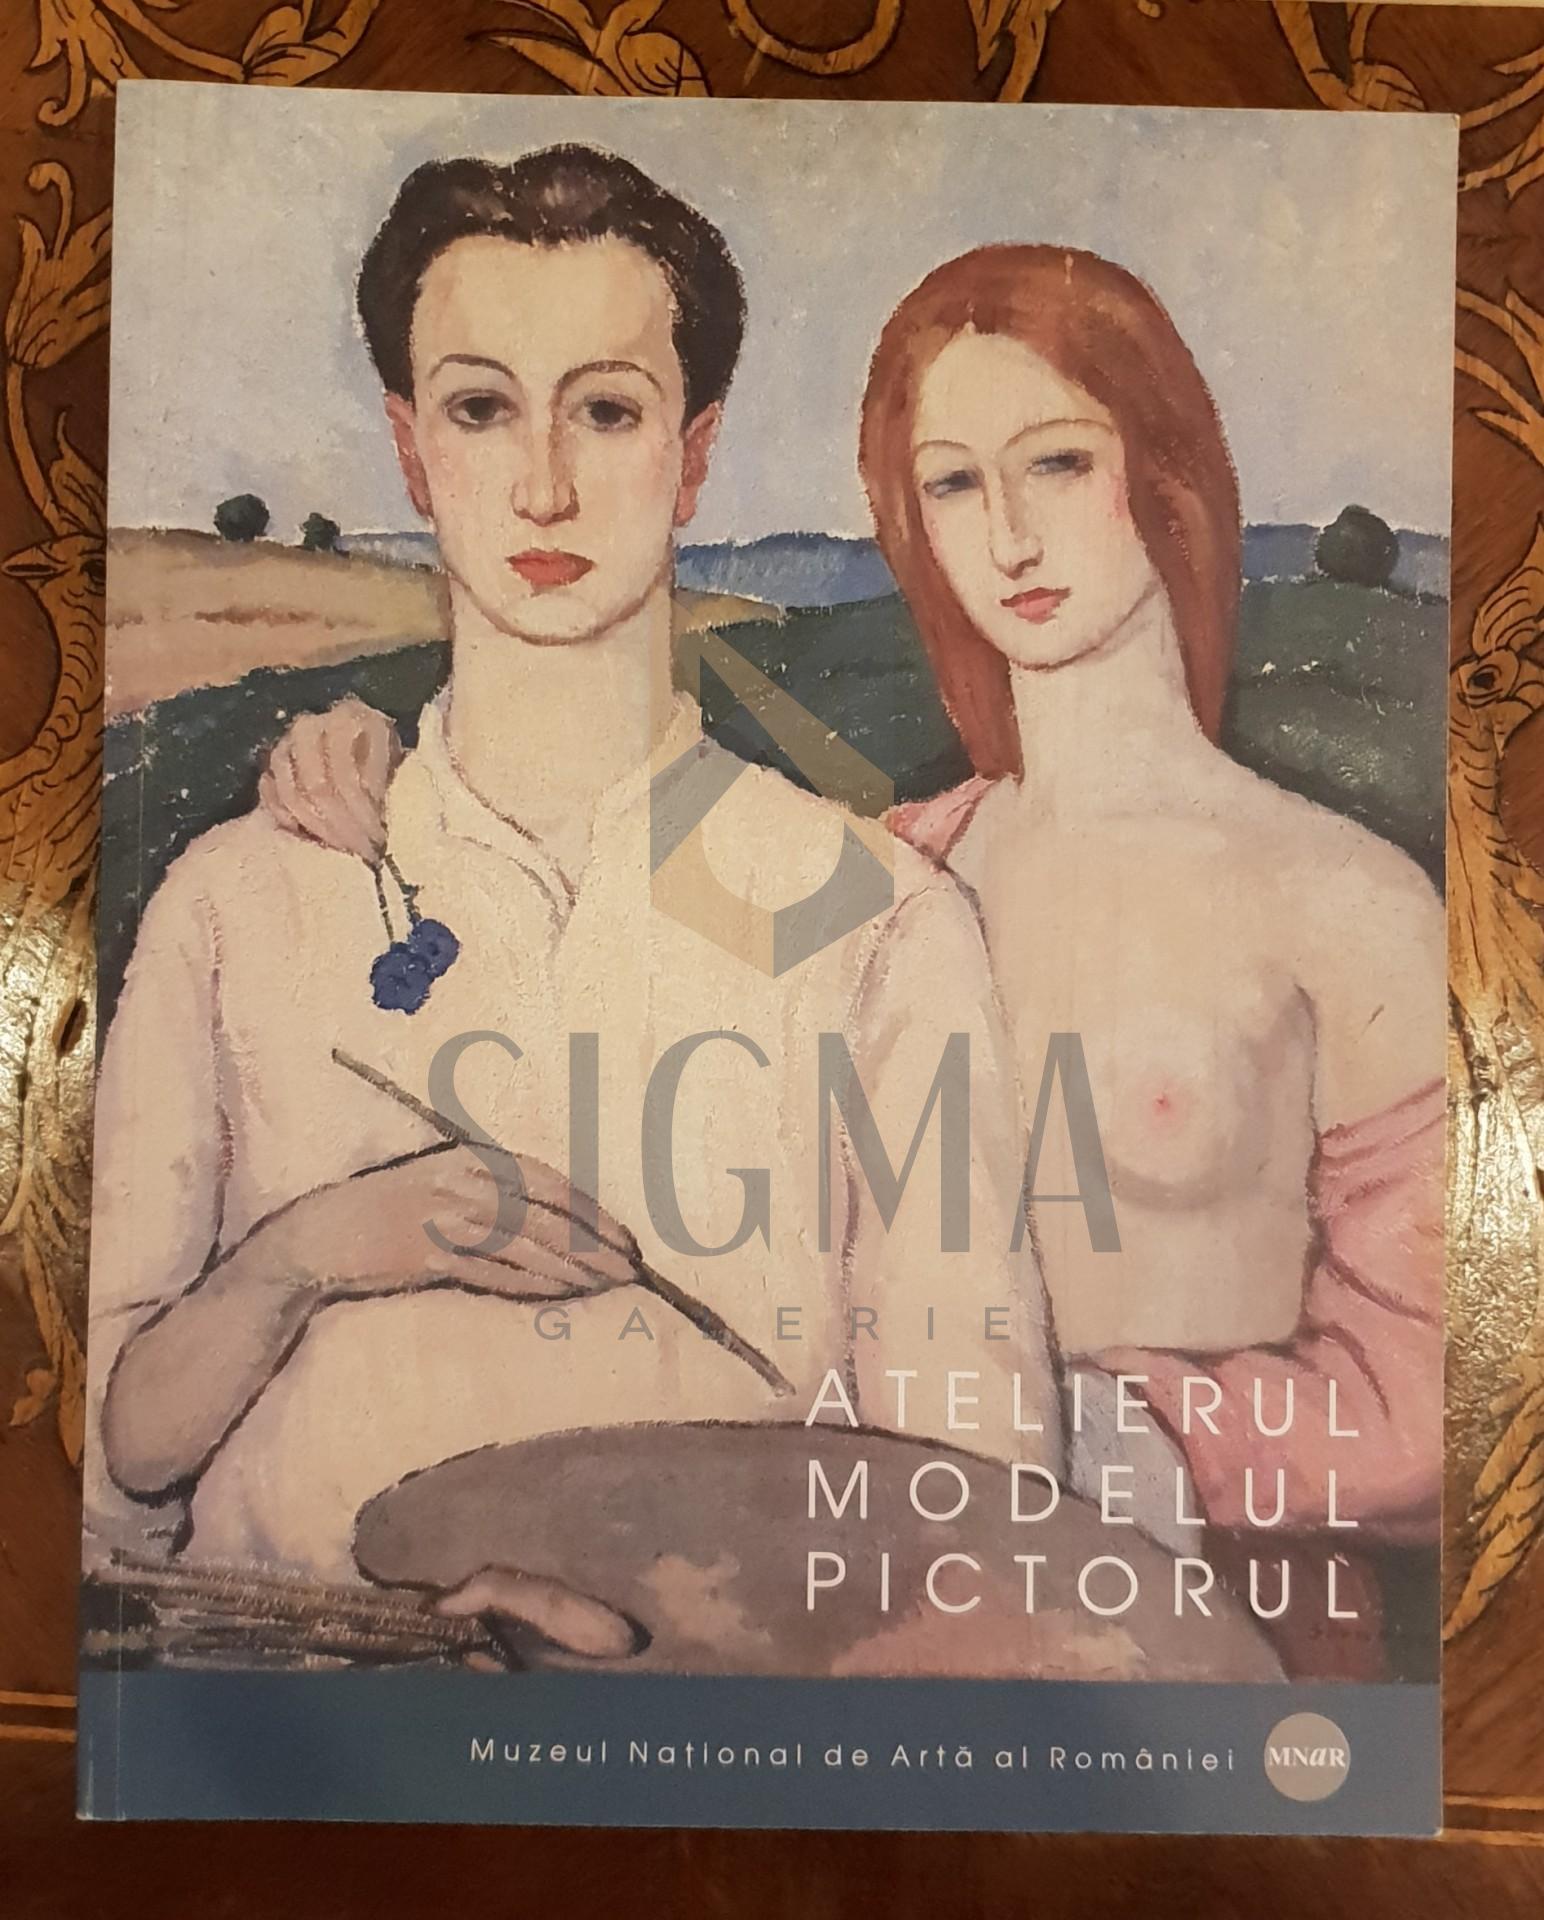 Atelierul Modelul Pictorul  -  Muzeul National de Arta al Romaniei